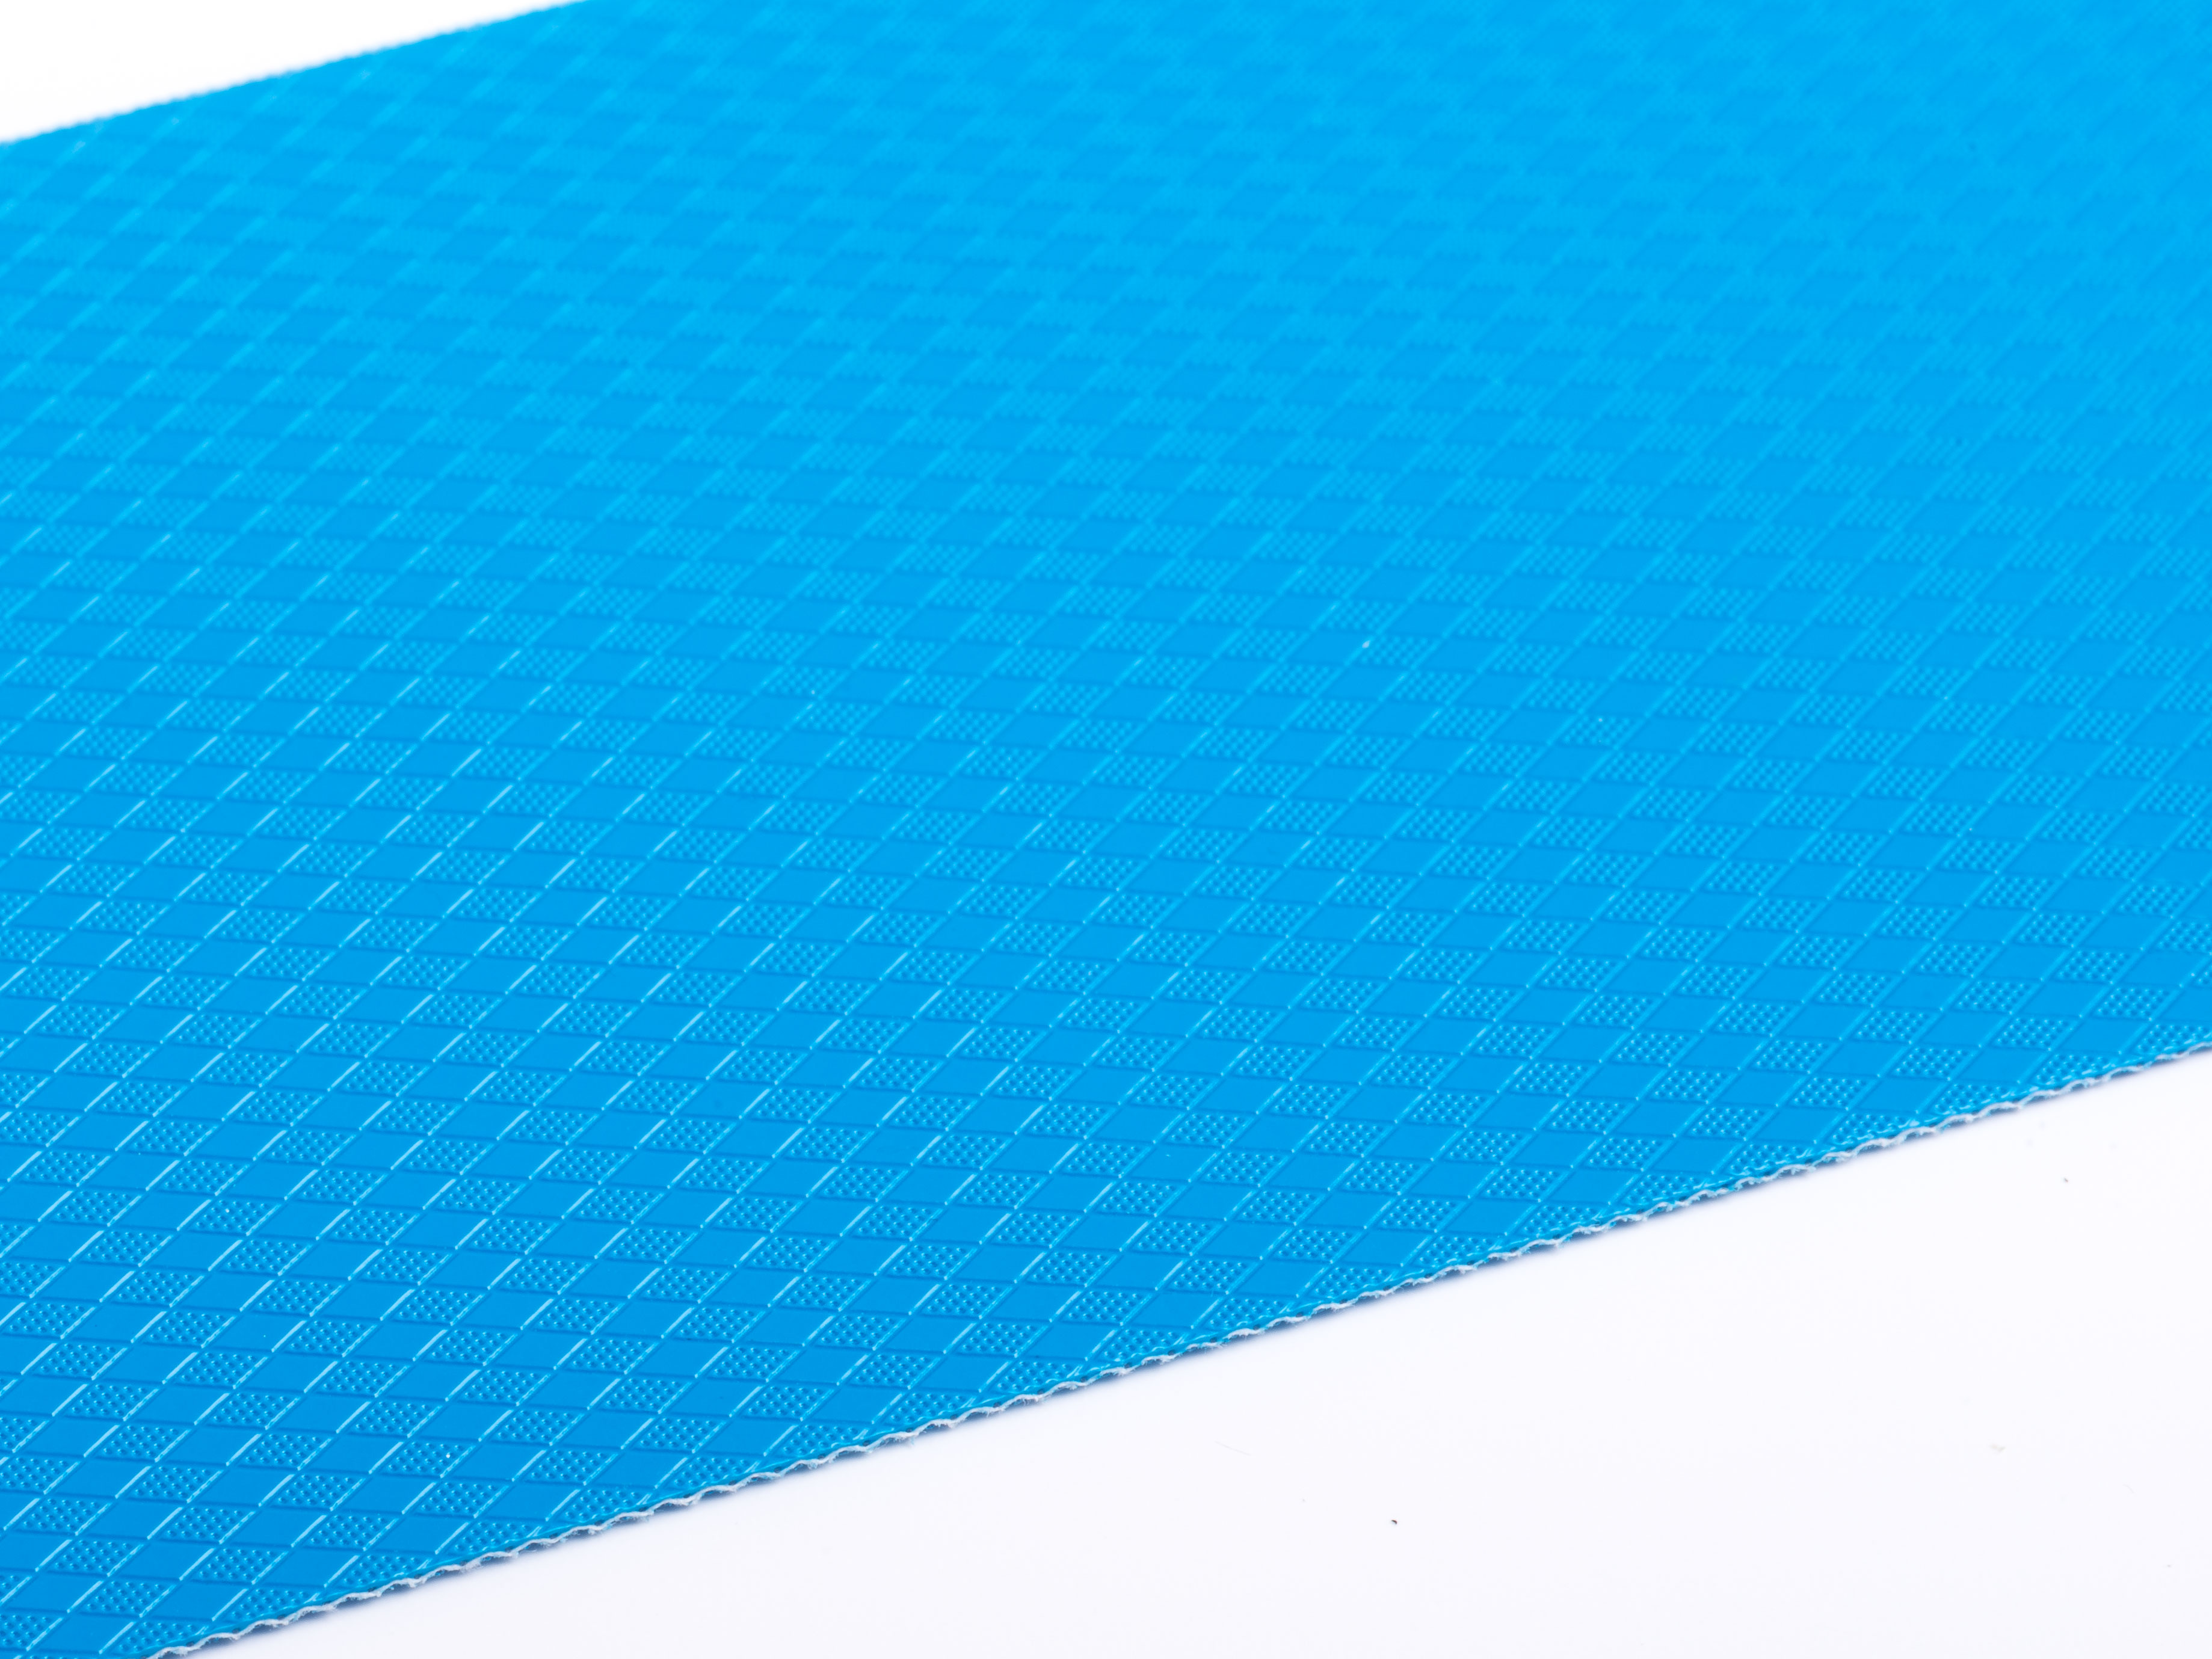 E 3/1 U0/U2 RFF-NAHACCP- FF blau FDA